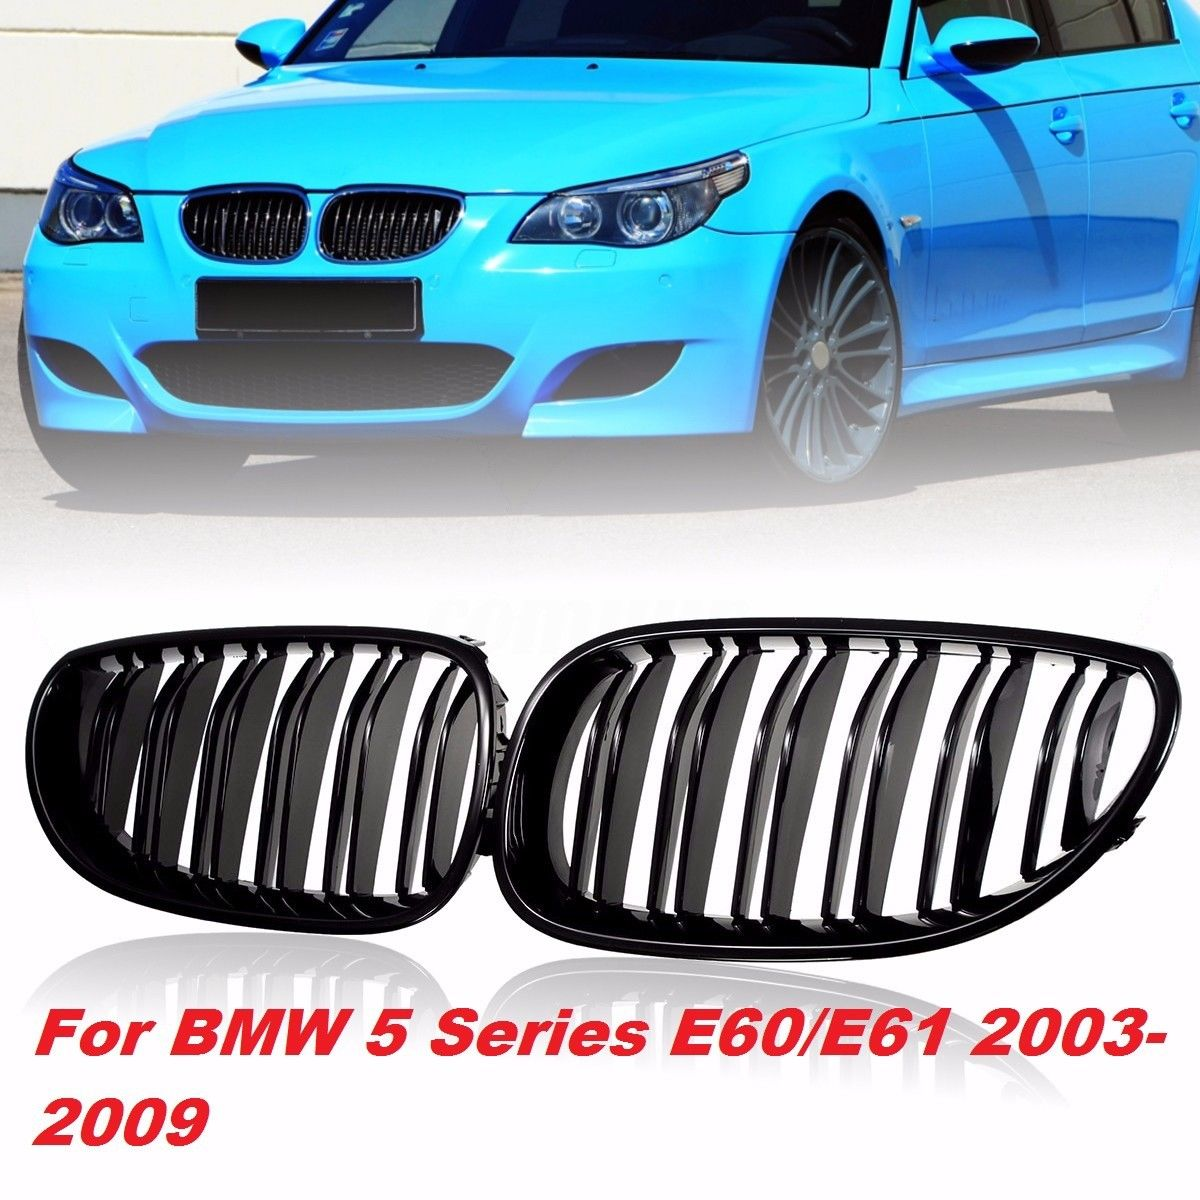 Nouveau Grille de rein avant pour BMW Double ligne Grille pour BMW E60 E61 série 5 2003-2010